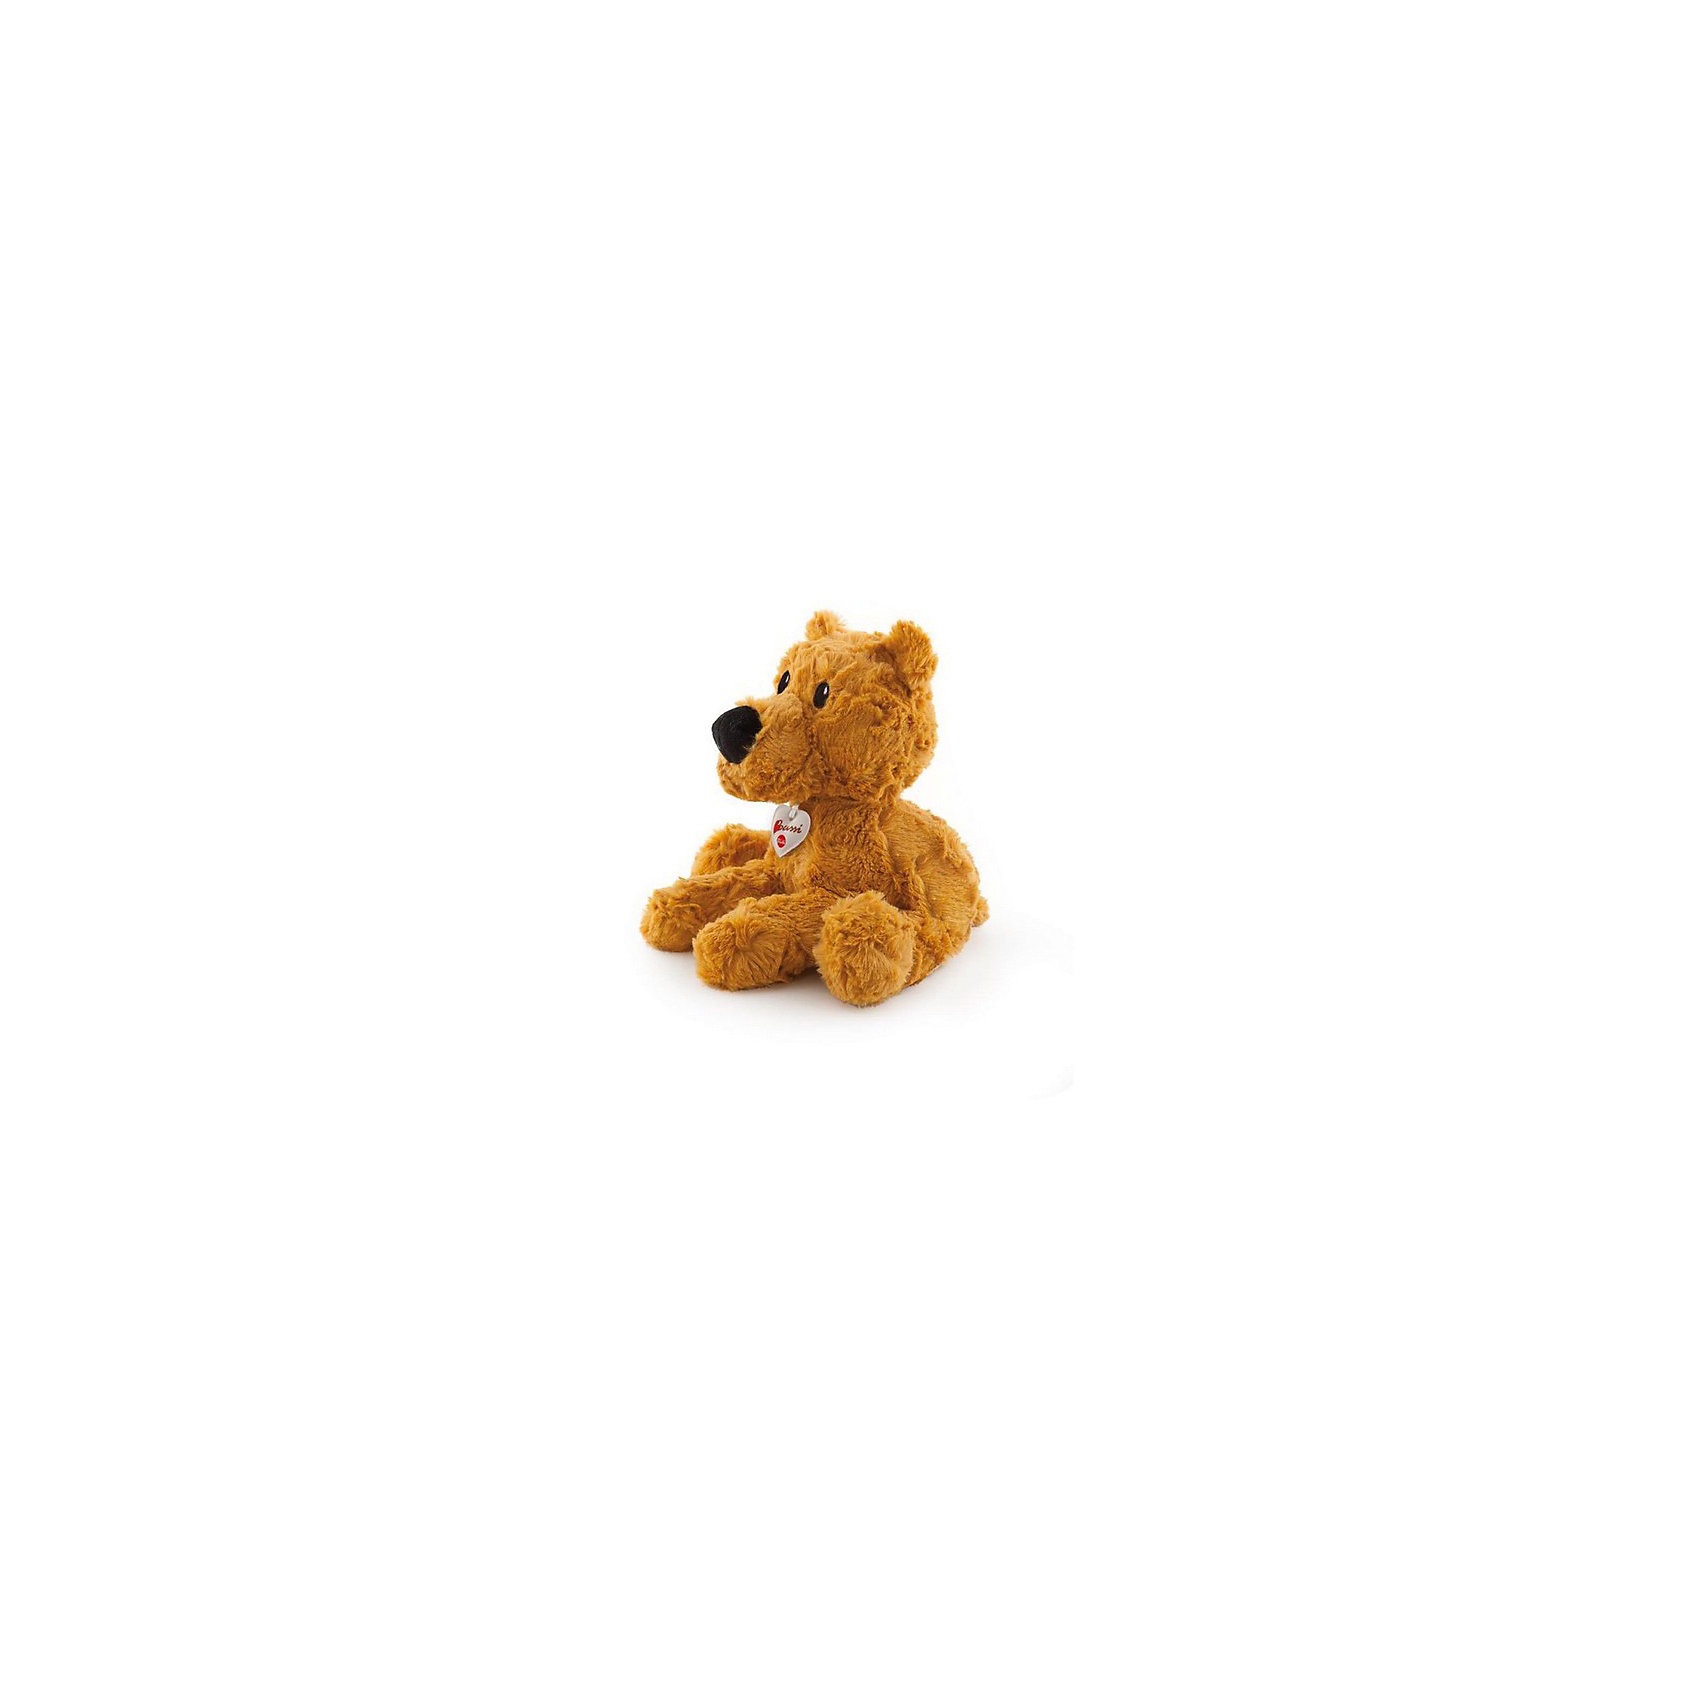 Рыжий мишка, 38 см, TrudiОчаровательный мишка станет лучшим другом вашему малышу! У мишутки очень мягкая шерстка, черный бархатный носик, добрые озорные глаза - с ним будет очень весело играть днем и спокойно и уютно засыпать ночью. Игрушка изготовлена из высококачественных нетоксичных, экологичных материалов абсолютно безопасных для детей. Благодаря тщательной проработке всех деталей, мишка выглядит очень реалистично, что, несомненно, порадует ребенка. Прекрасный подарок на любой праздник!<br><br>Дополнительная информация:<br><br>- Материал: плюш, пластик, текстиль, искусственный мех. <br>- Высота: 38 см. <br>- Допускается машинная стирка при деликатной режиме (30 ?).<br><br>Рыжего мишку, 38 см, Trudi (Труди), можно купить в нашем магазине.<br><br>Ширина мм: 280<br>Глубина мм: 250<br>Высота мм: 380<br>Вес г: 260<br>Возраст от месяцев: 12<br>Возраст до месяцев: 2147483647<br>Пол: Унисекс<br>Возраст: Детский<br>SKU: 5055248